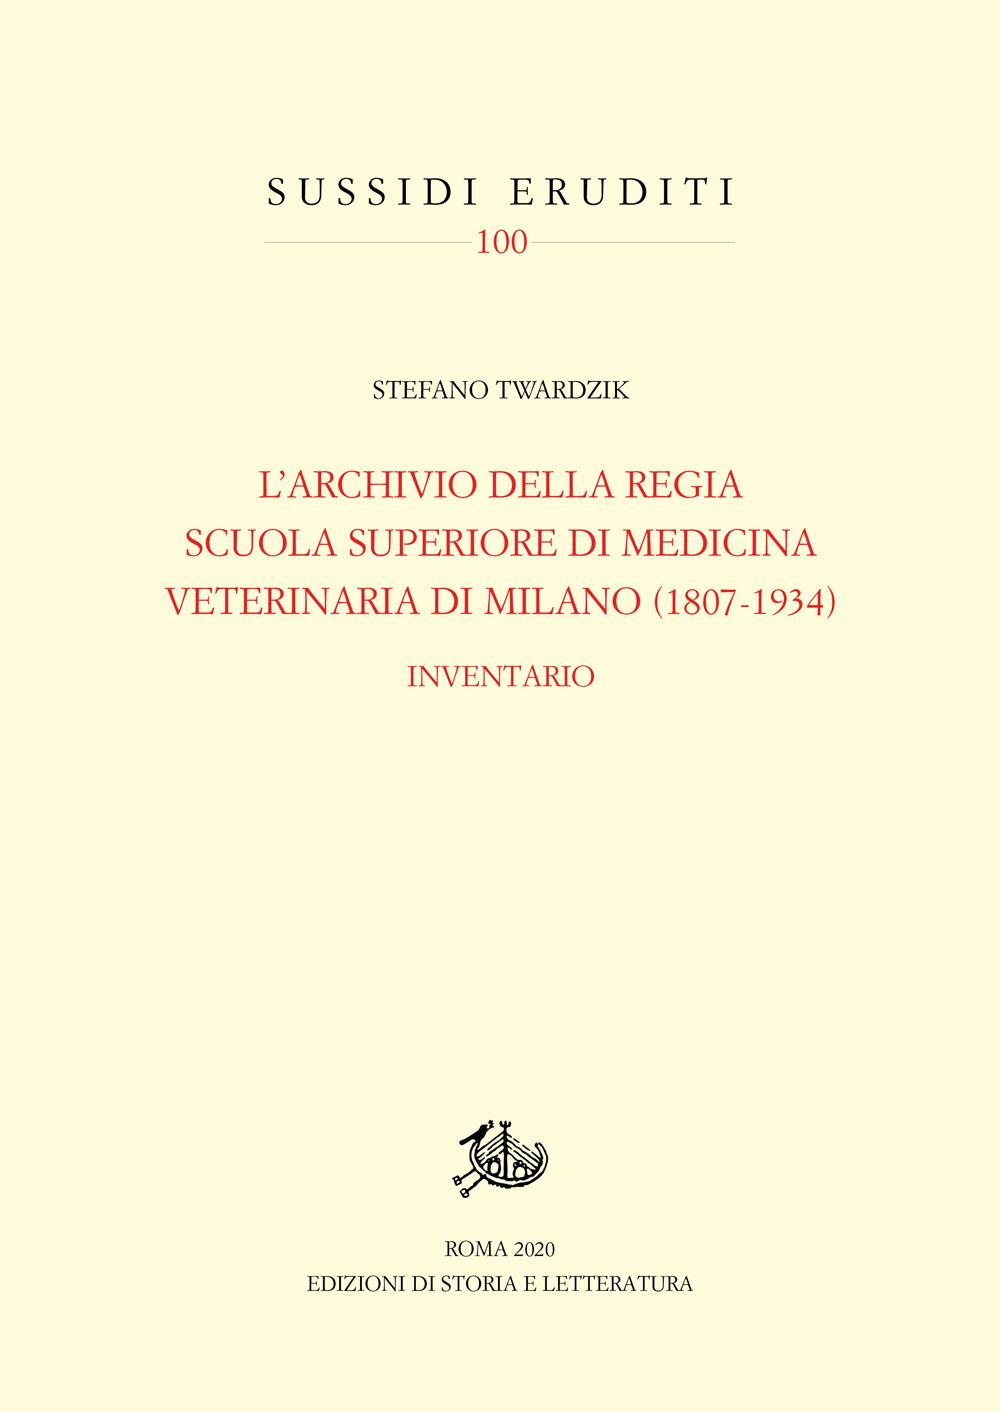 Image of Archivio della Regia Scuola superiore di medicina veterinaria di Milano (1807-1934). Inventario